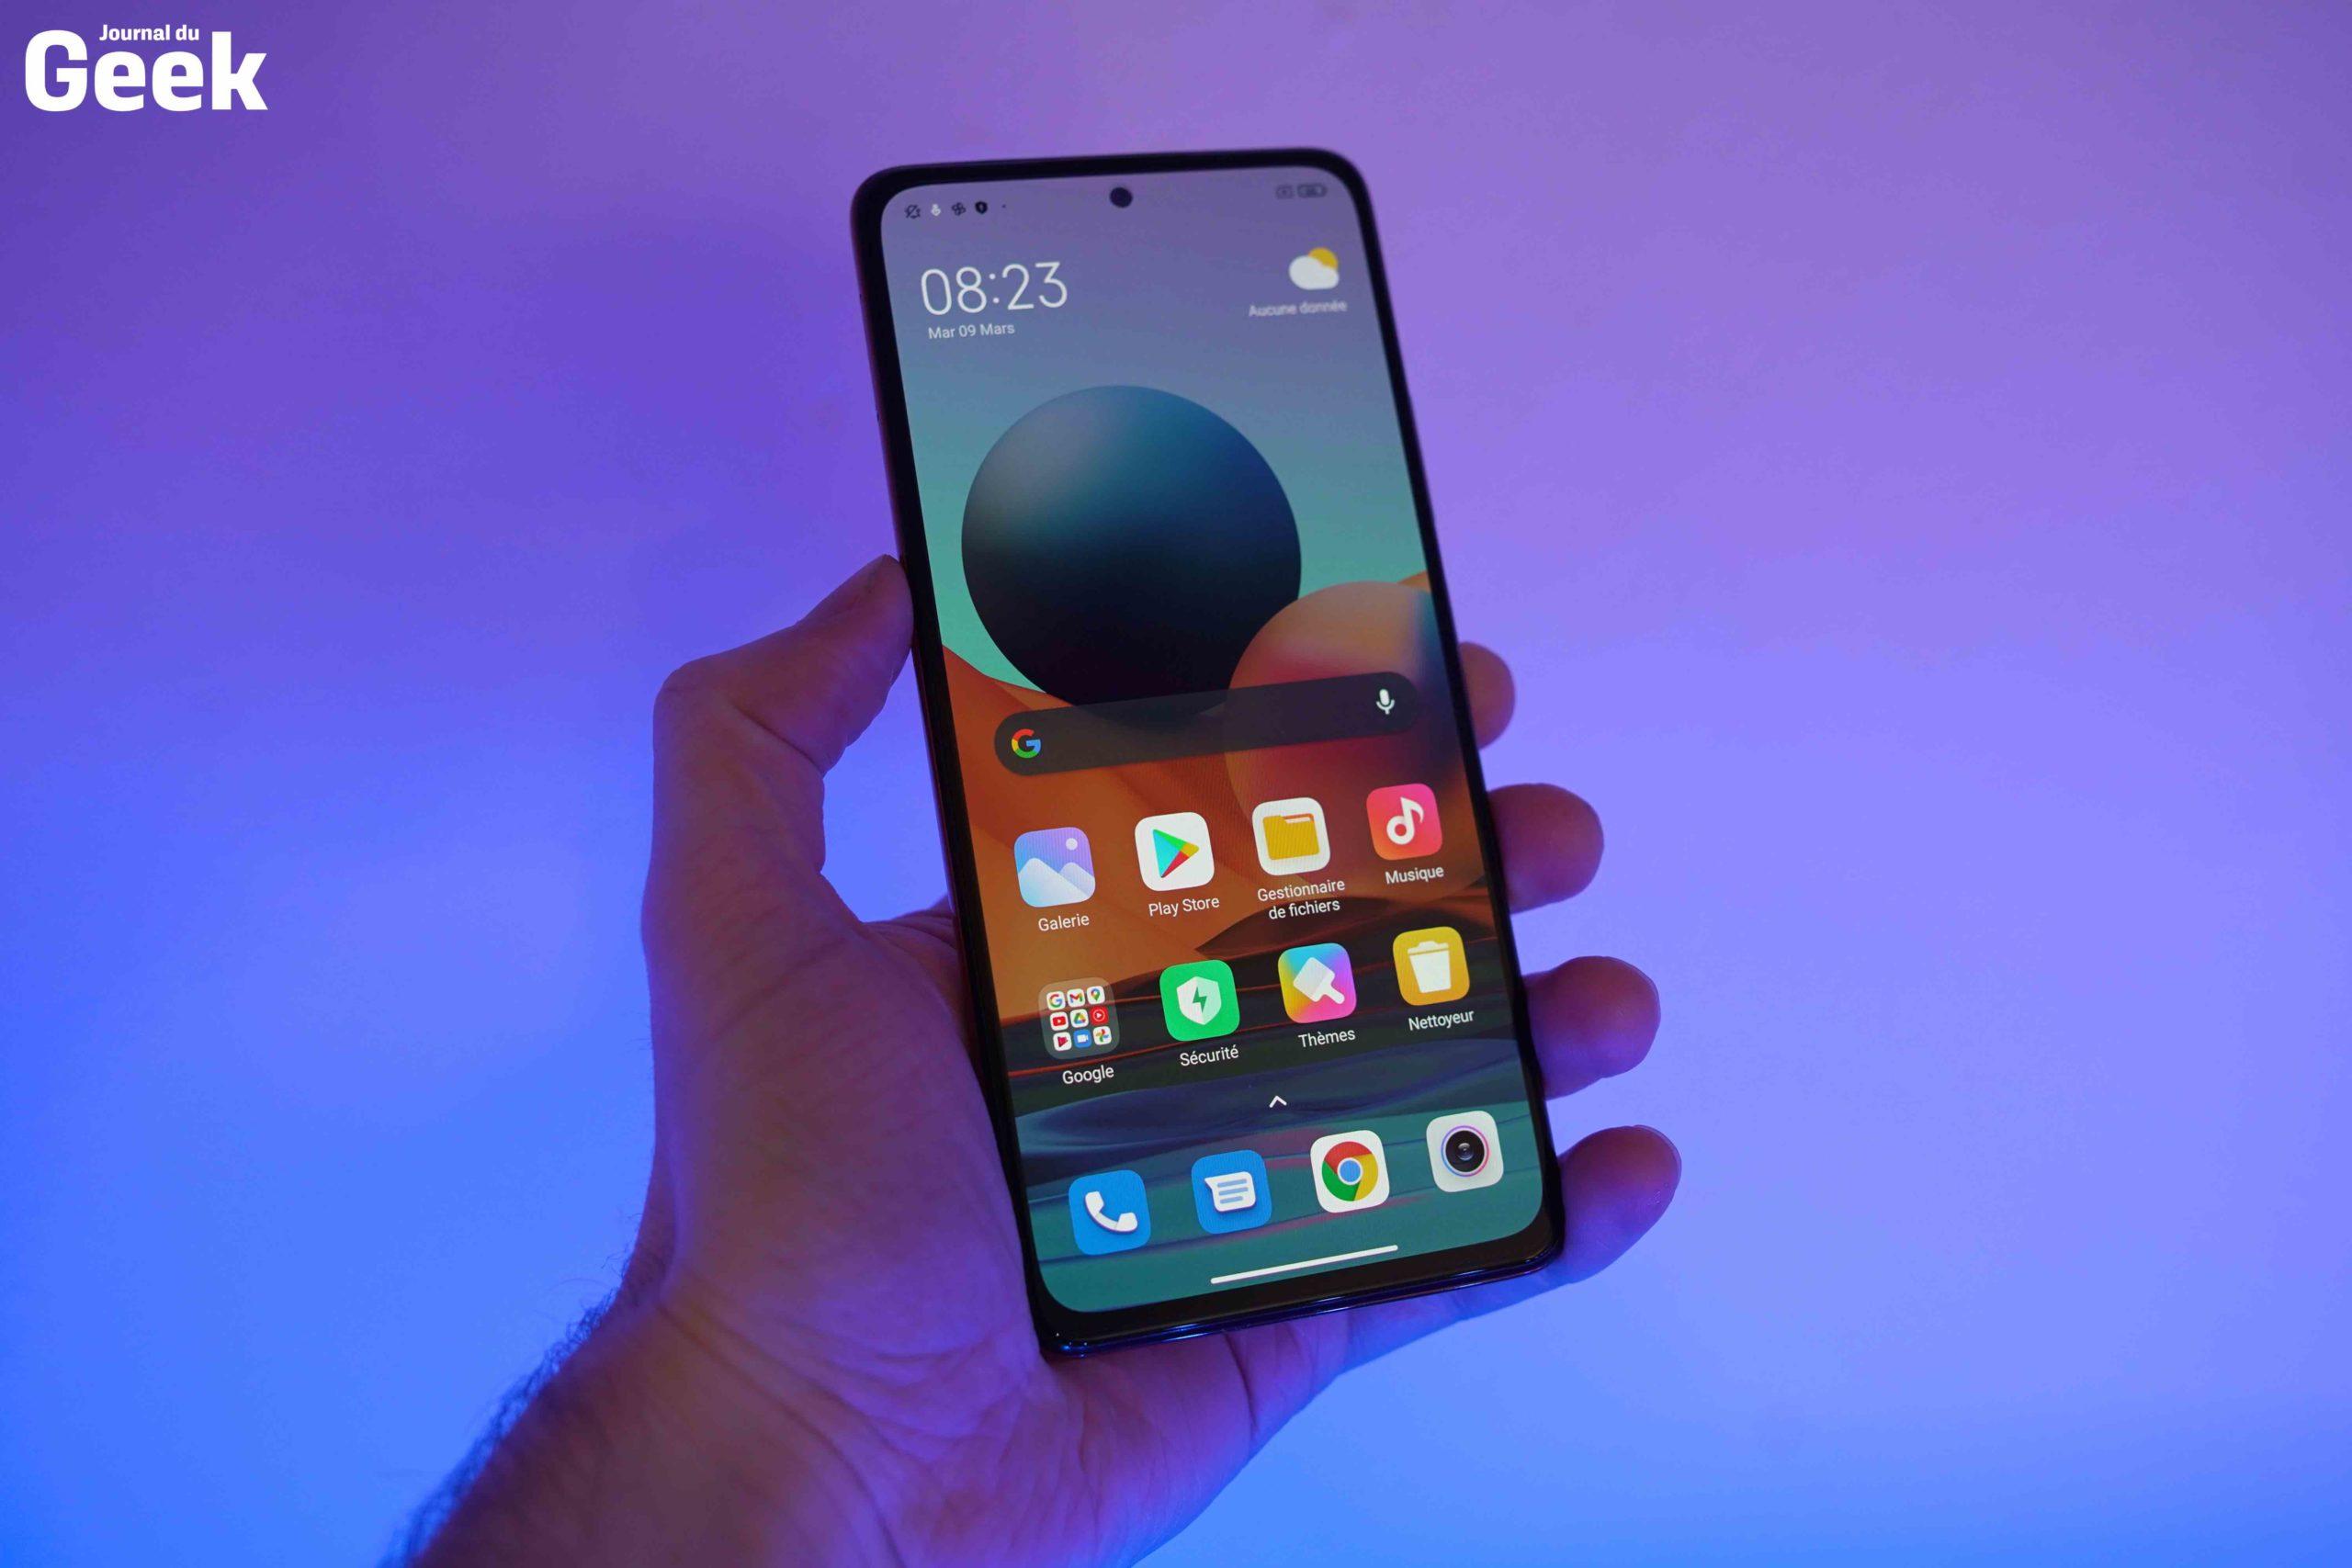 [Test] Redmi Note 10 Pro, le smartphone que tout le monde va s'arracher - Journal du geek